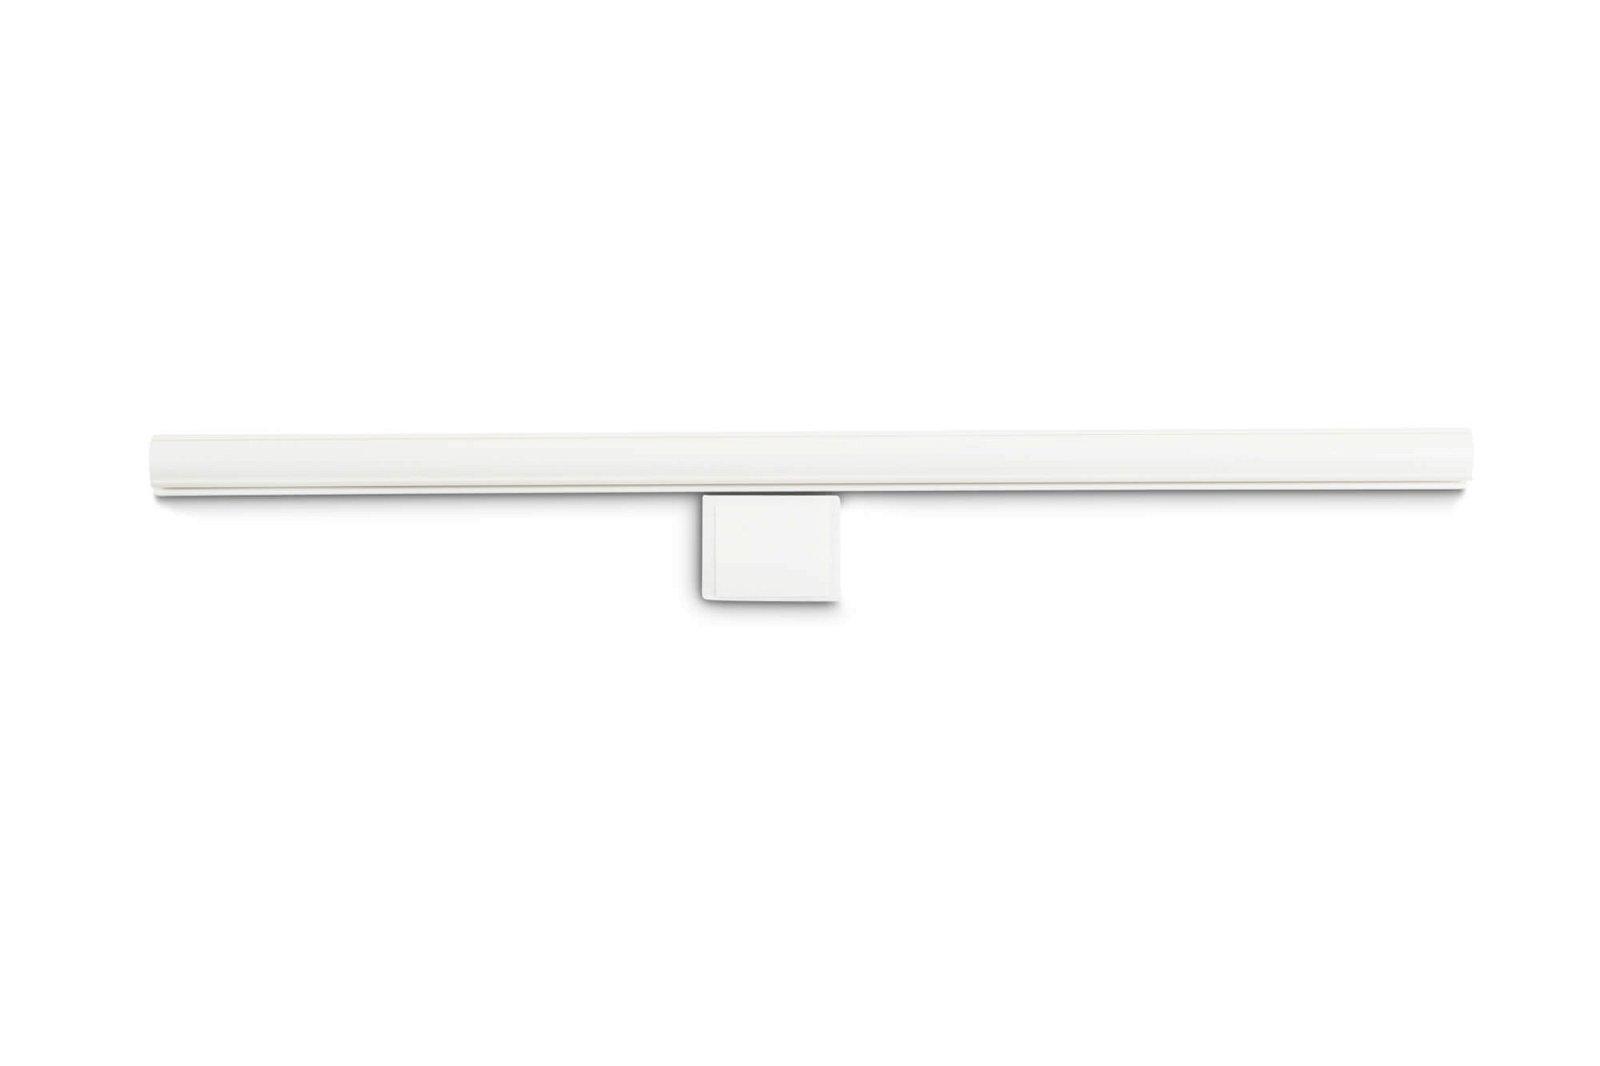 Ballfix-Leiste Kunststoff, Länge 100 cm, sonstige